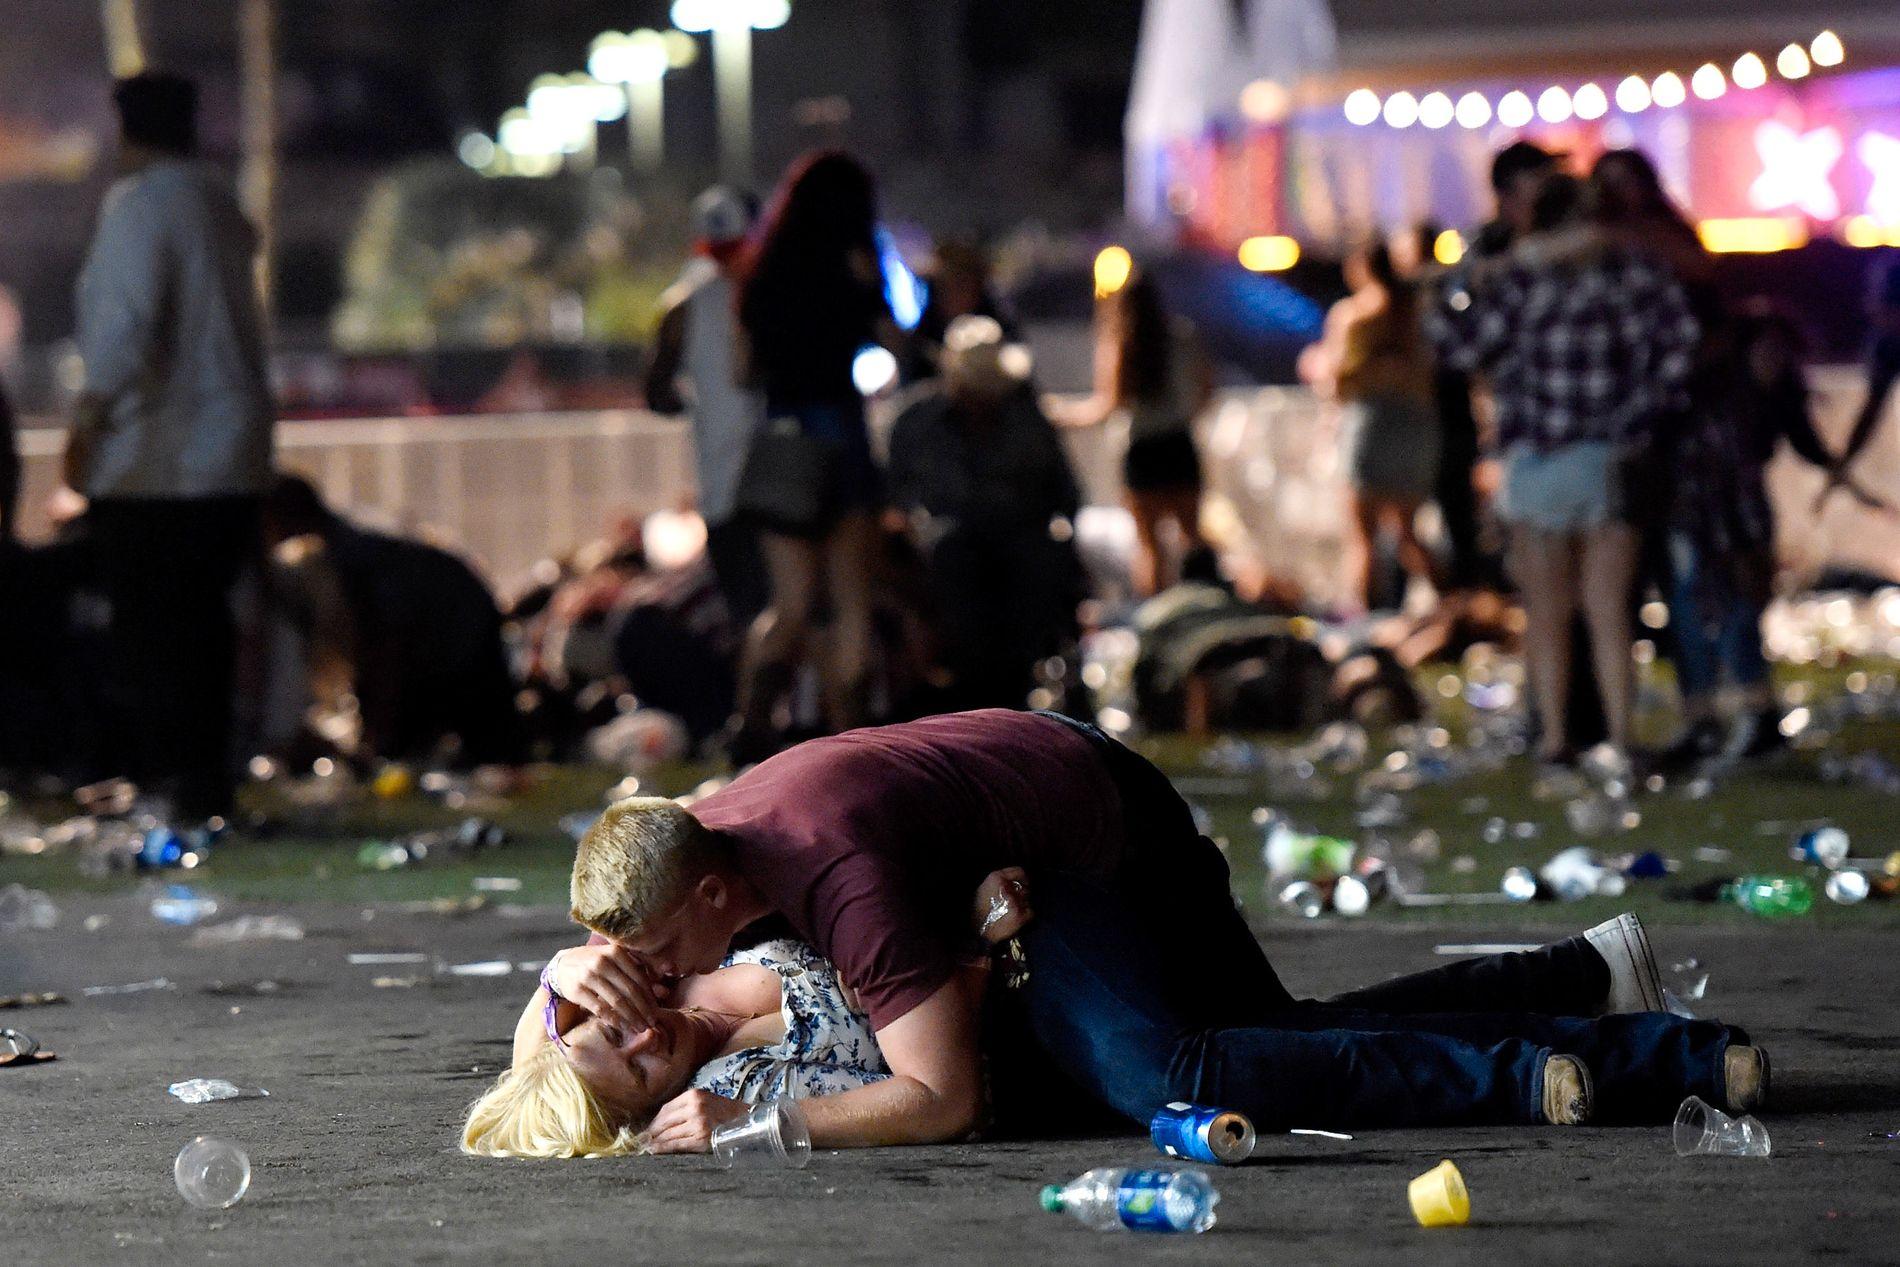 MASSAKREN: En mann ligger over en kvinne mens menneskene flykter vekk fra konsertområdet hvor 59 mennesker ble drept søndag kveld. Fotografen så paret reise seg og gå fra stedet etter bildet ble tatt.